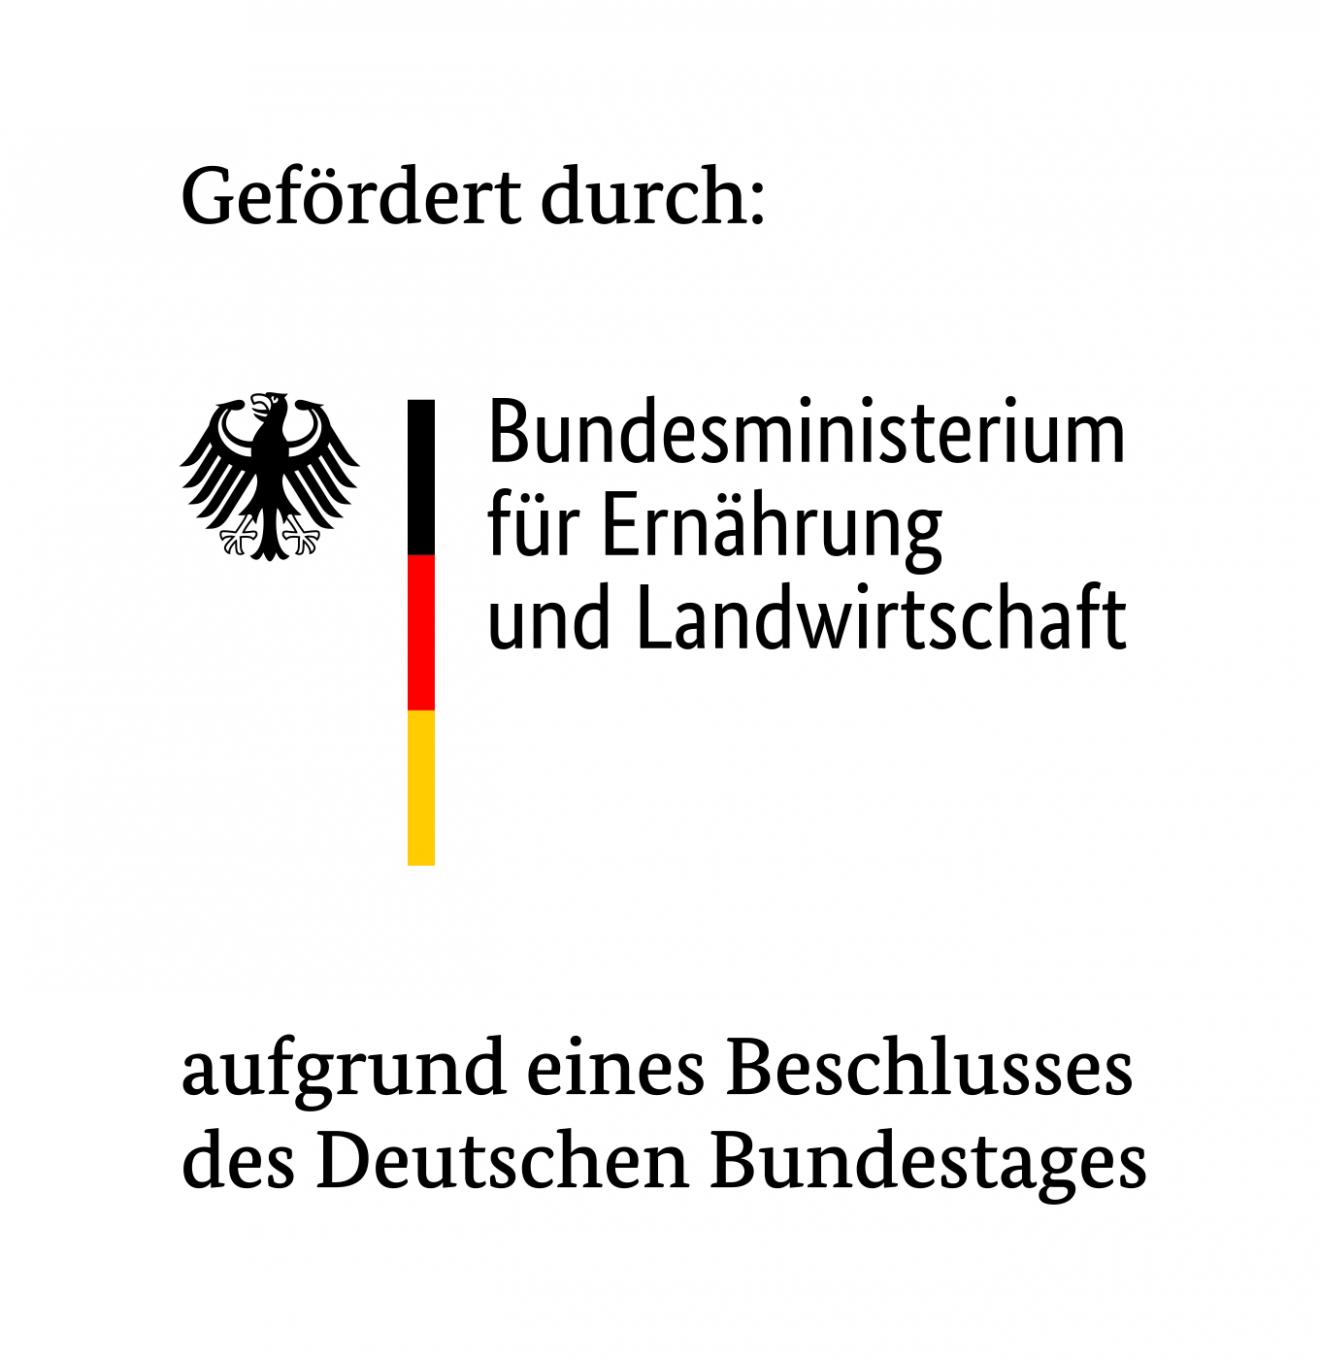 Das Logo vom Bundesministerium für Ernährung und Landwirtschaft